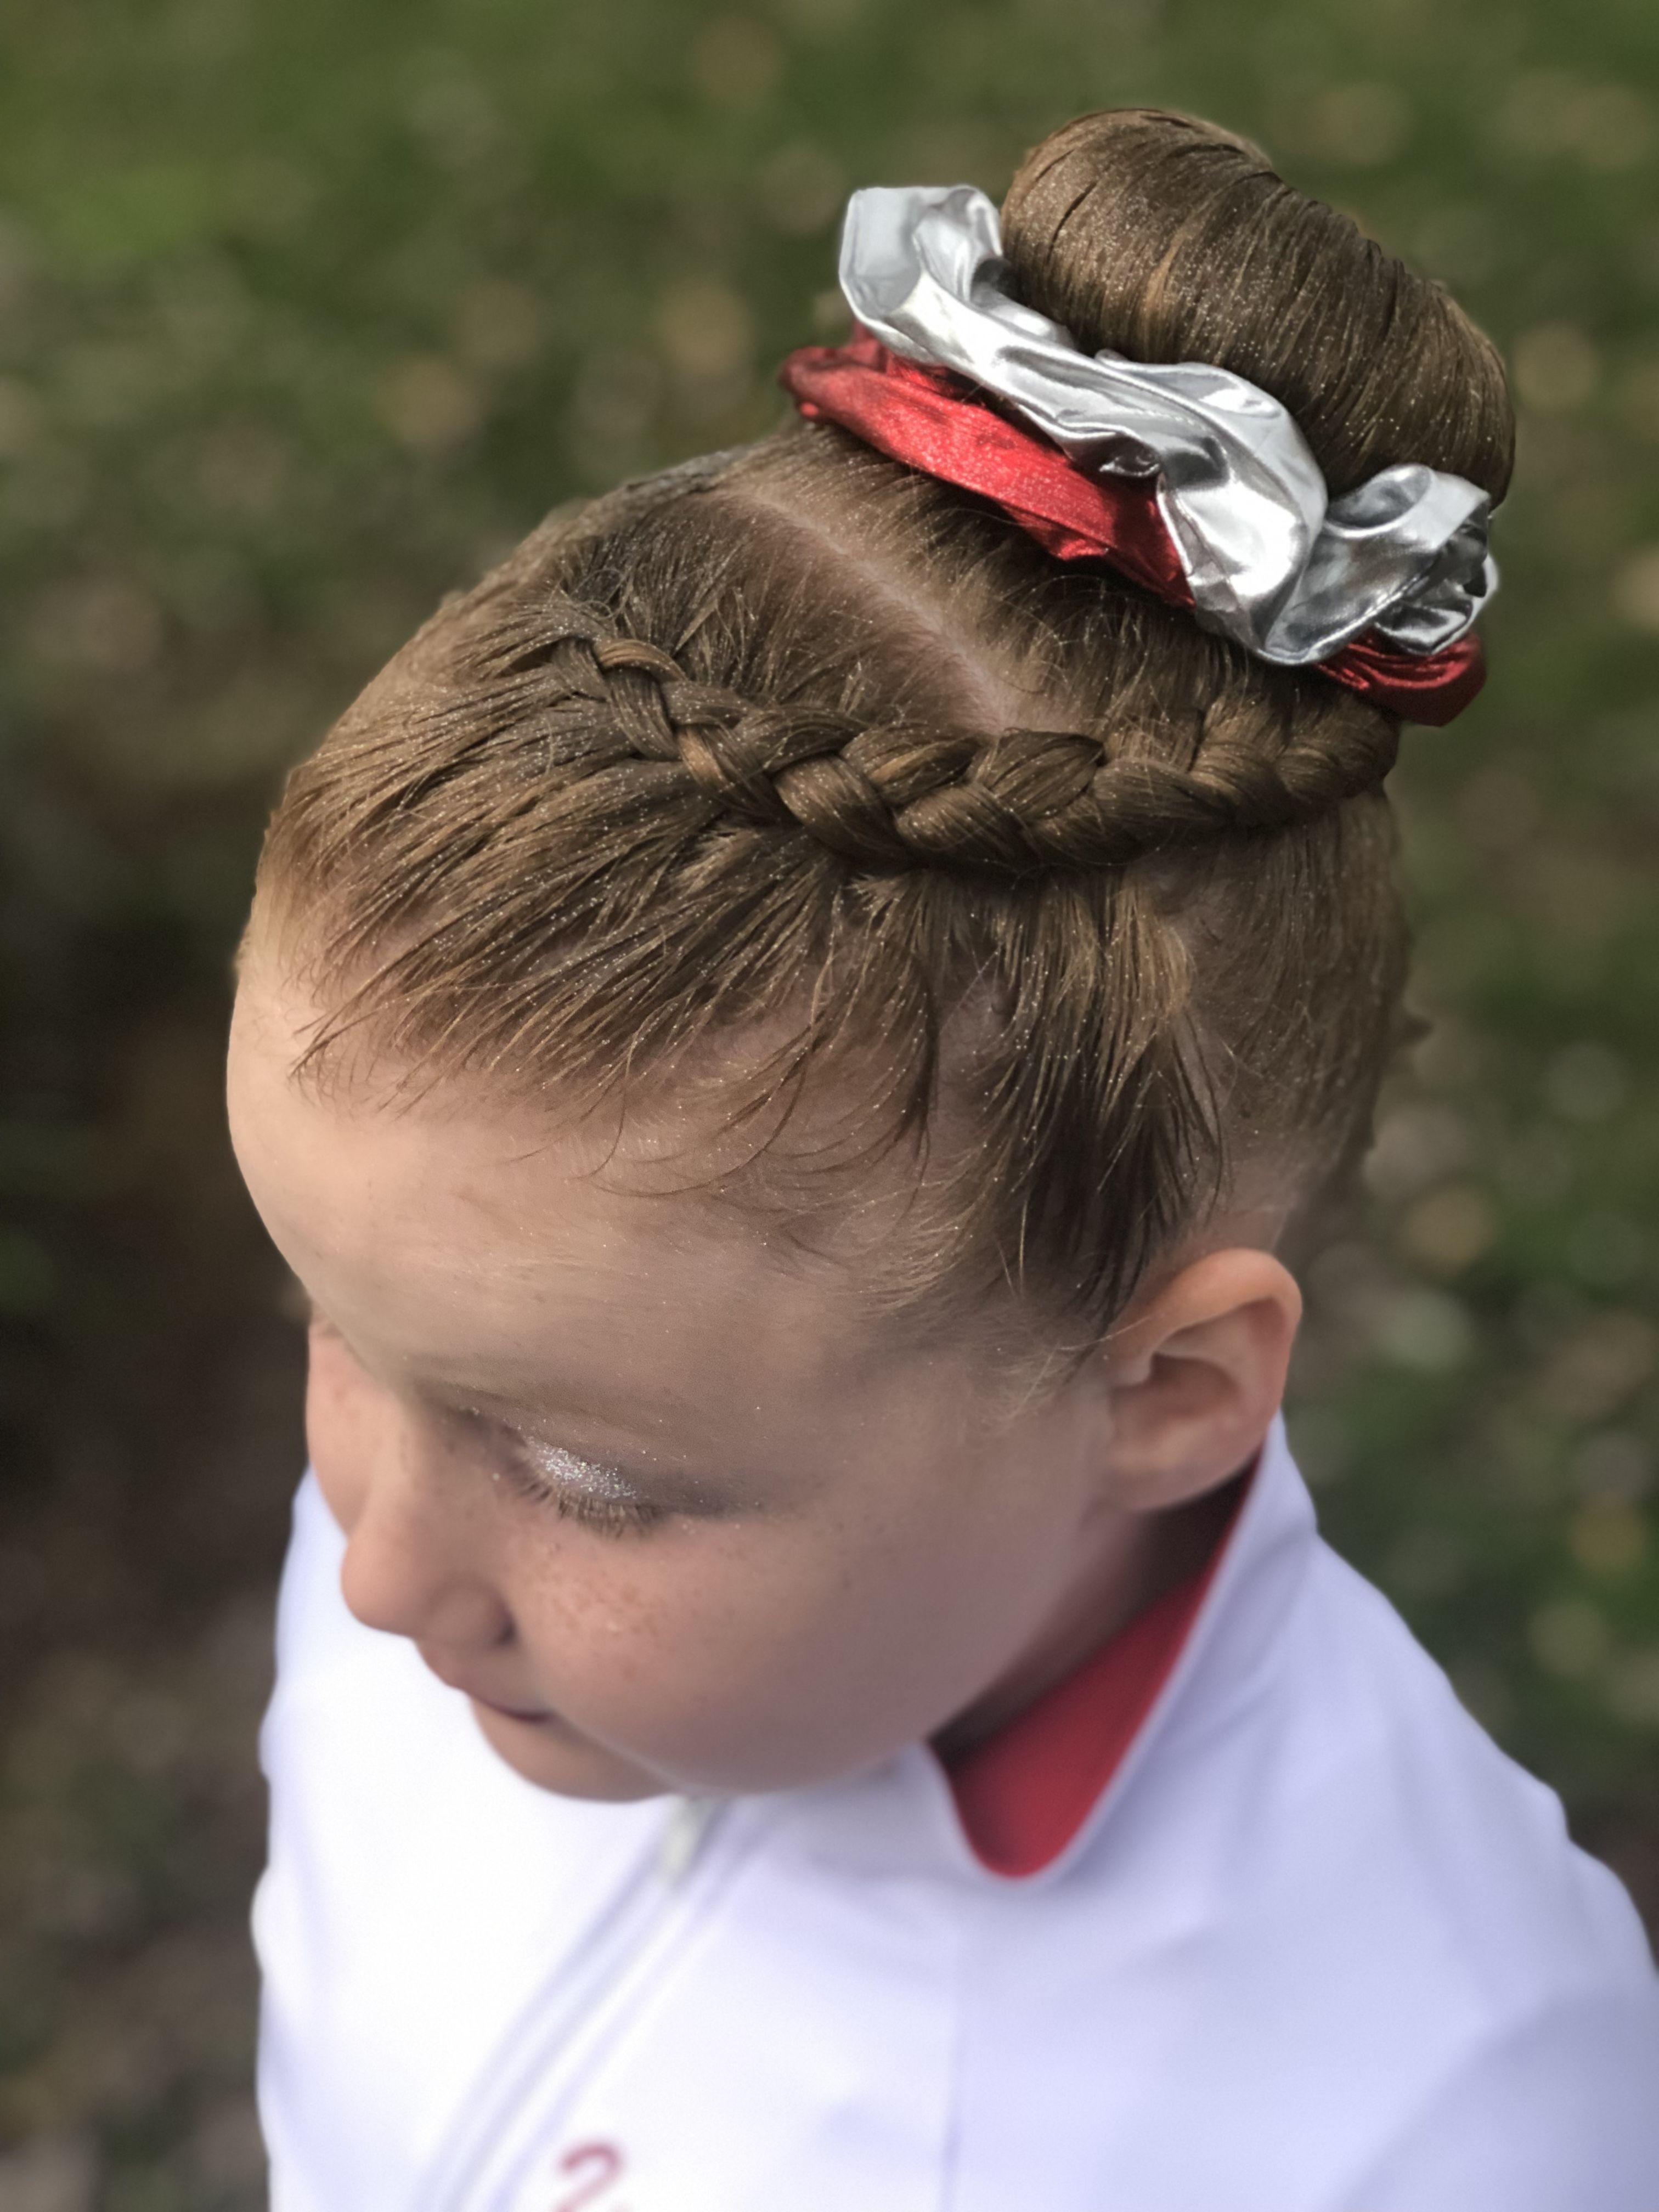 Gymnastics Meet Hair Braid Into A Bun Competitive Gymnastics In 2020 Gymnastics Meet Hair Gymnastics Hair Competition Hair